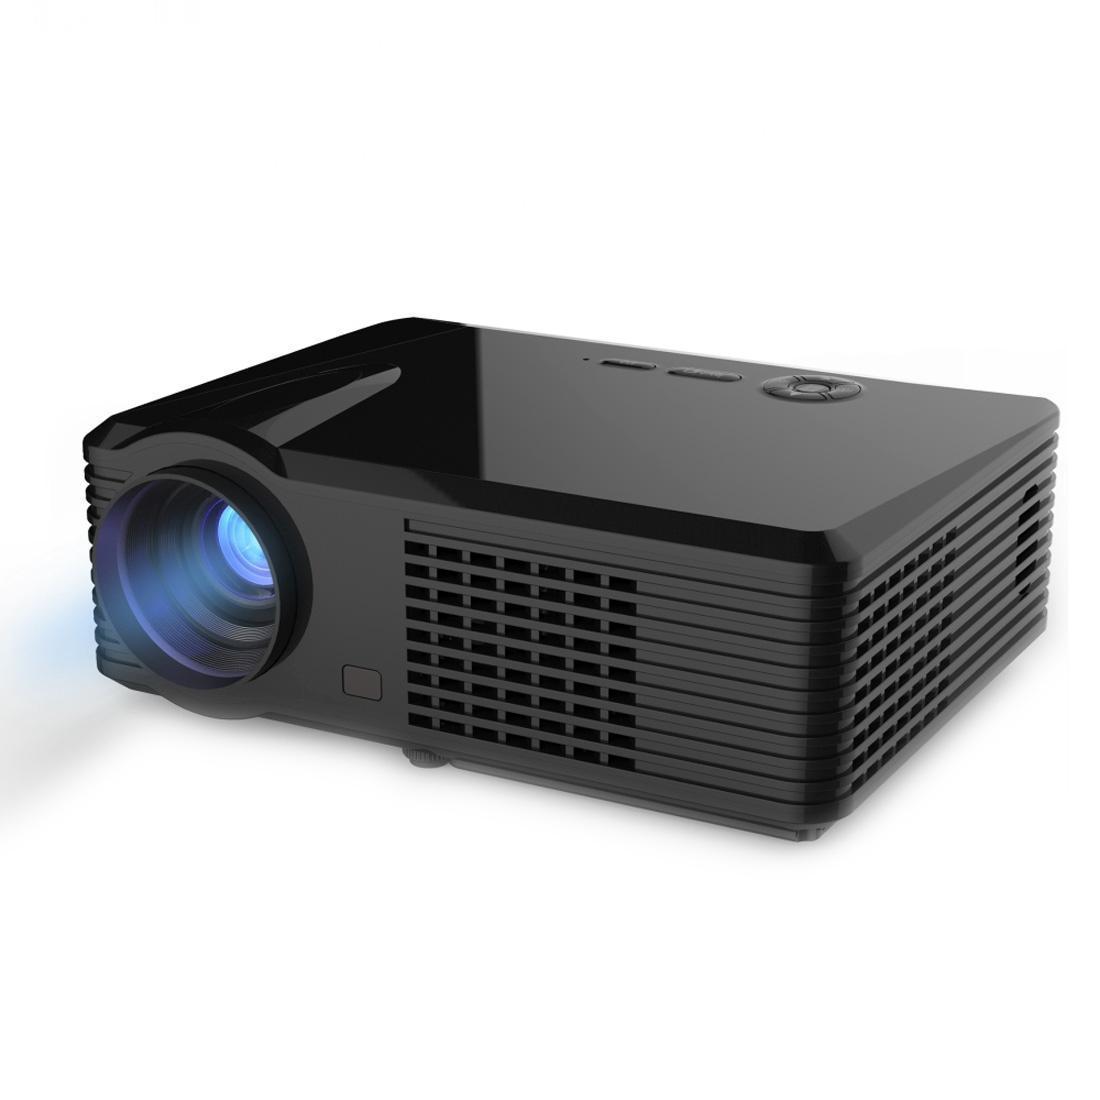 LED PRS220 2500 لومينز HD الرقمية العارض، الروبوت 4.4 اللحاء A5 رباعية النواة 1.5GHz سوبر، ذاكرة الوصول العشوائي: 1GB، ROM: 8G، ودعم 1080P